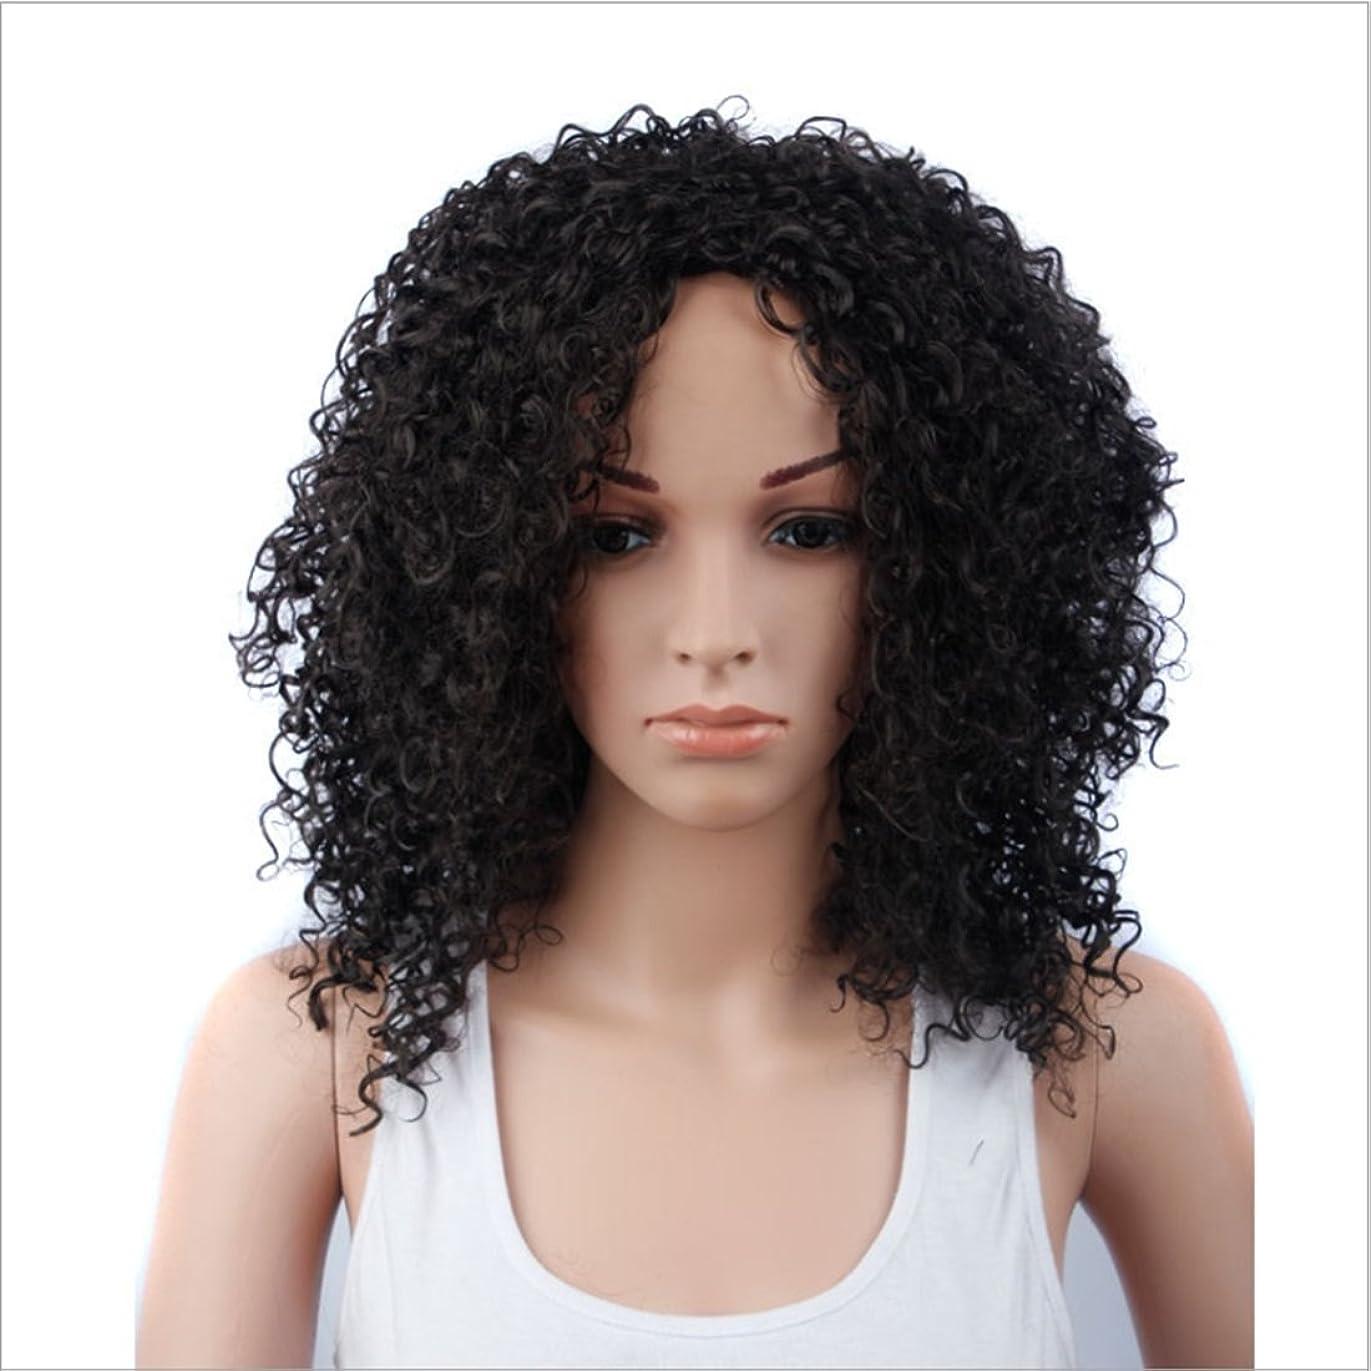 わずらわしいご予約リンスJIANFU 女性のための15inch合成高温ウィッグロングバンズの短いカーリーウィッグヘアナチュラルカラーウィッグ耐熱性210g(ワインレッド、ブラック) (Color : ブラック)